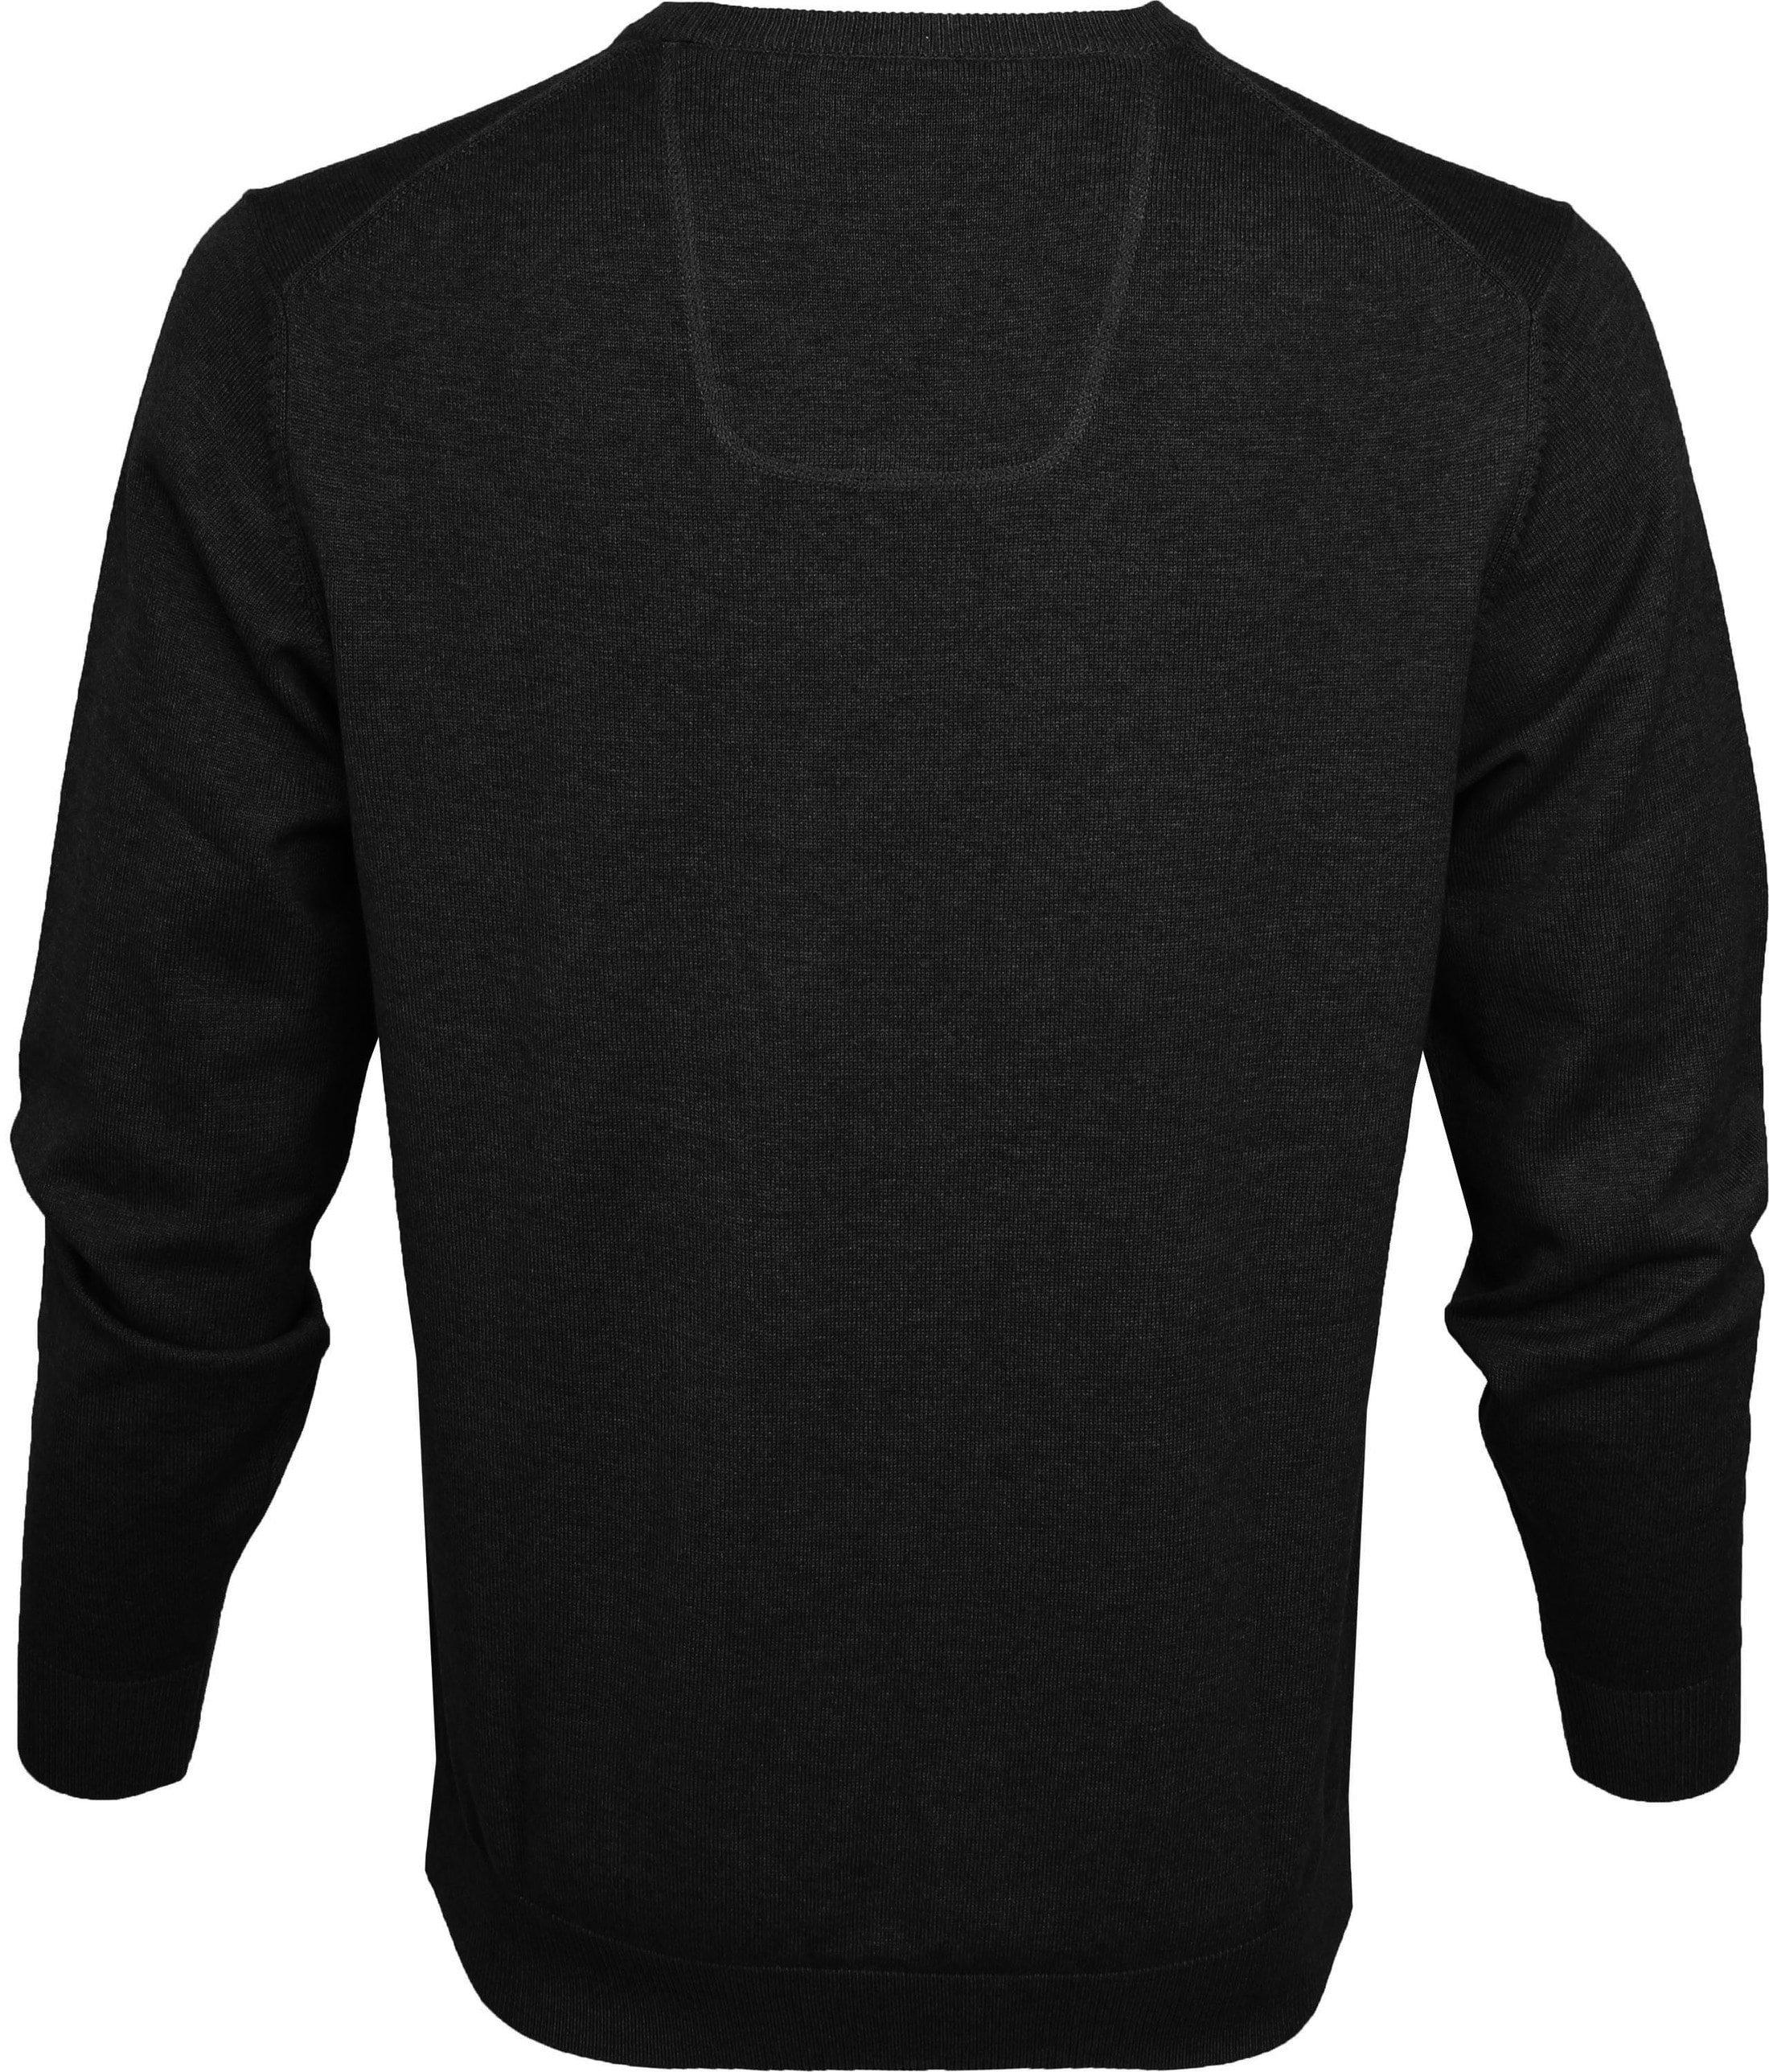 Casa Moda Pullover Zwart foto 3